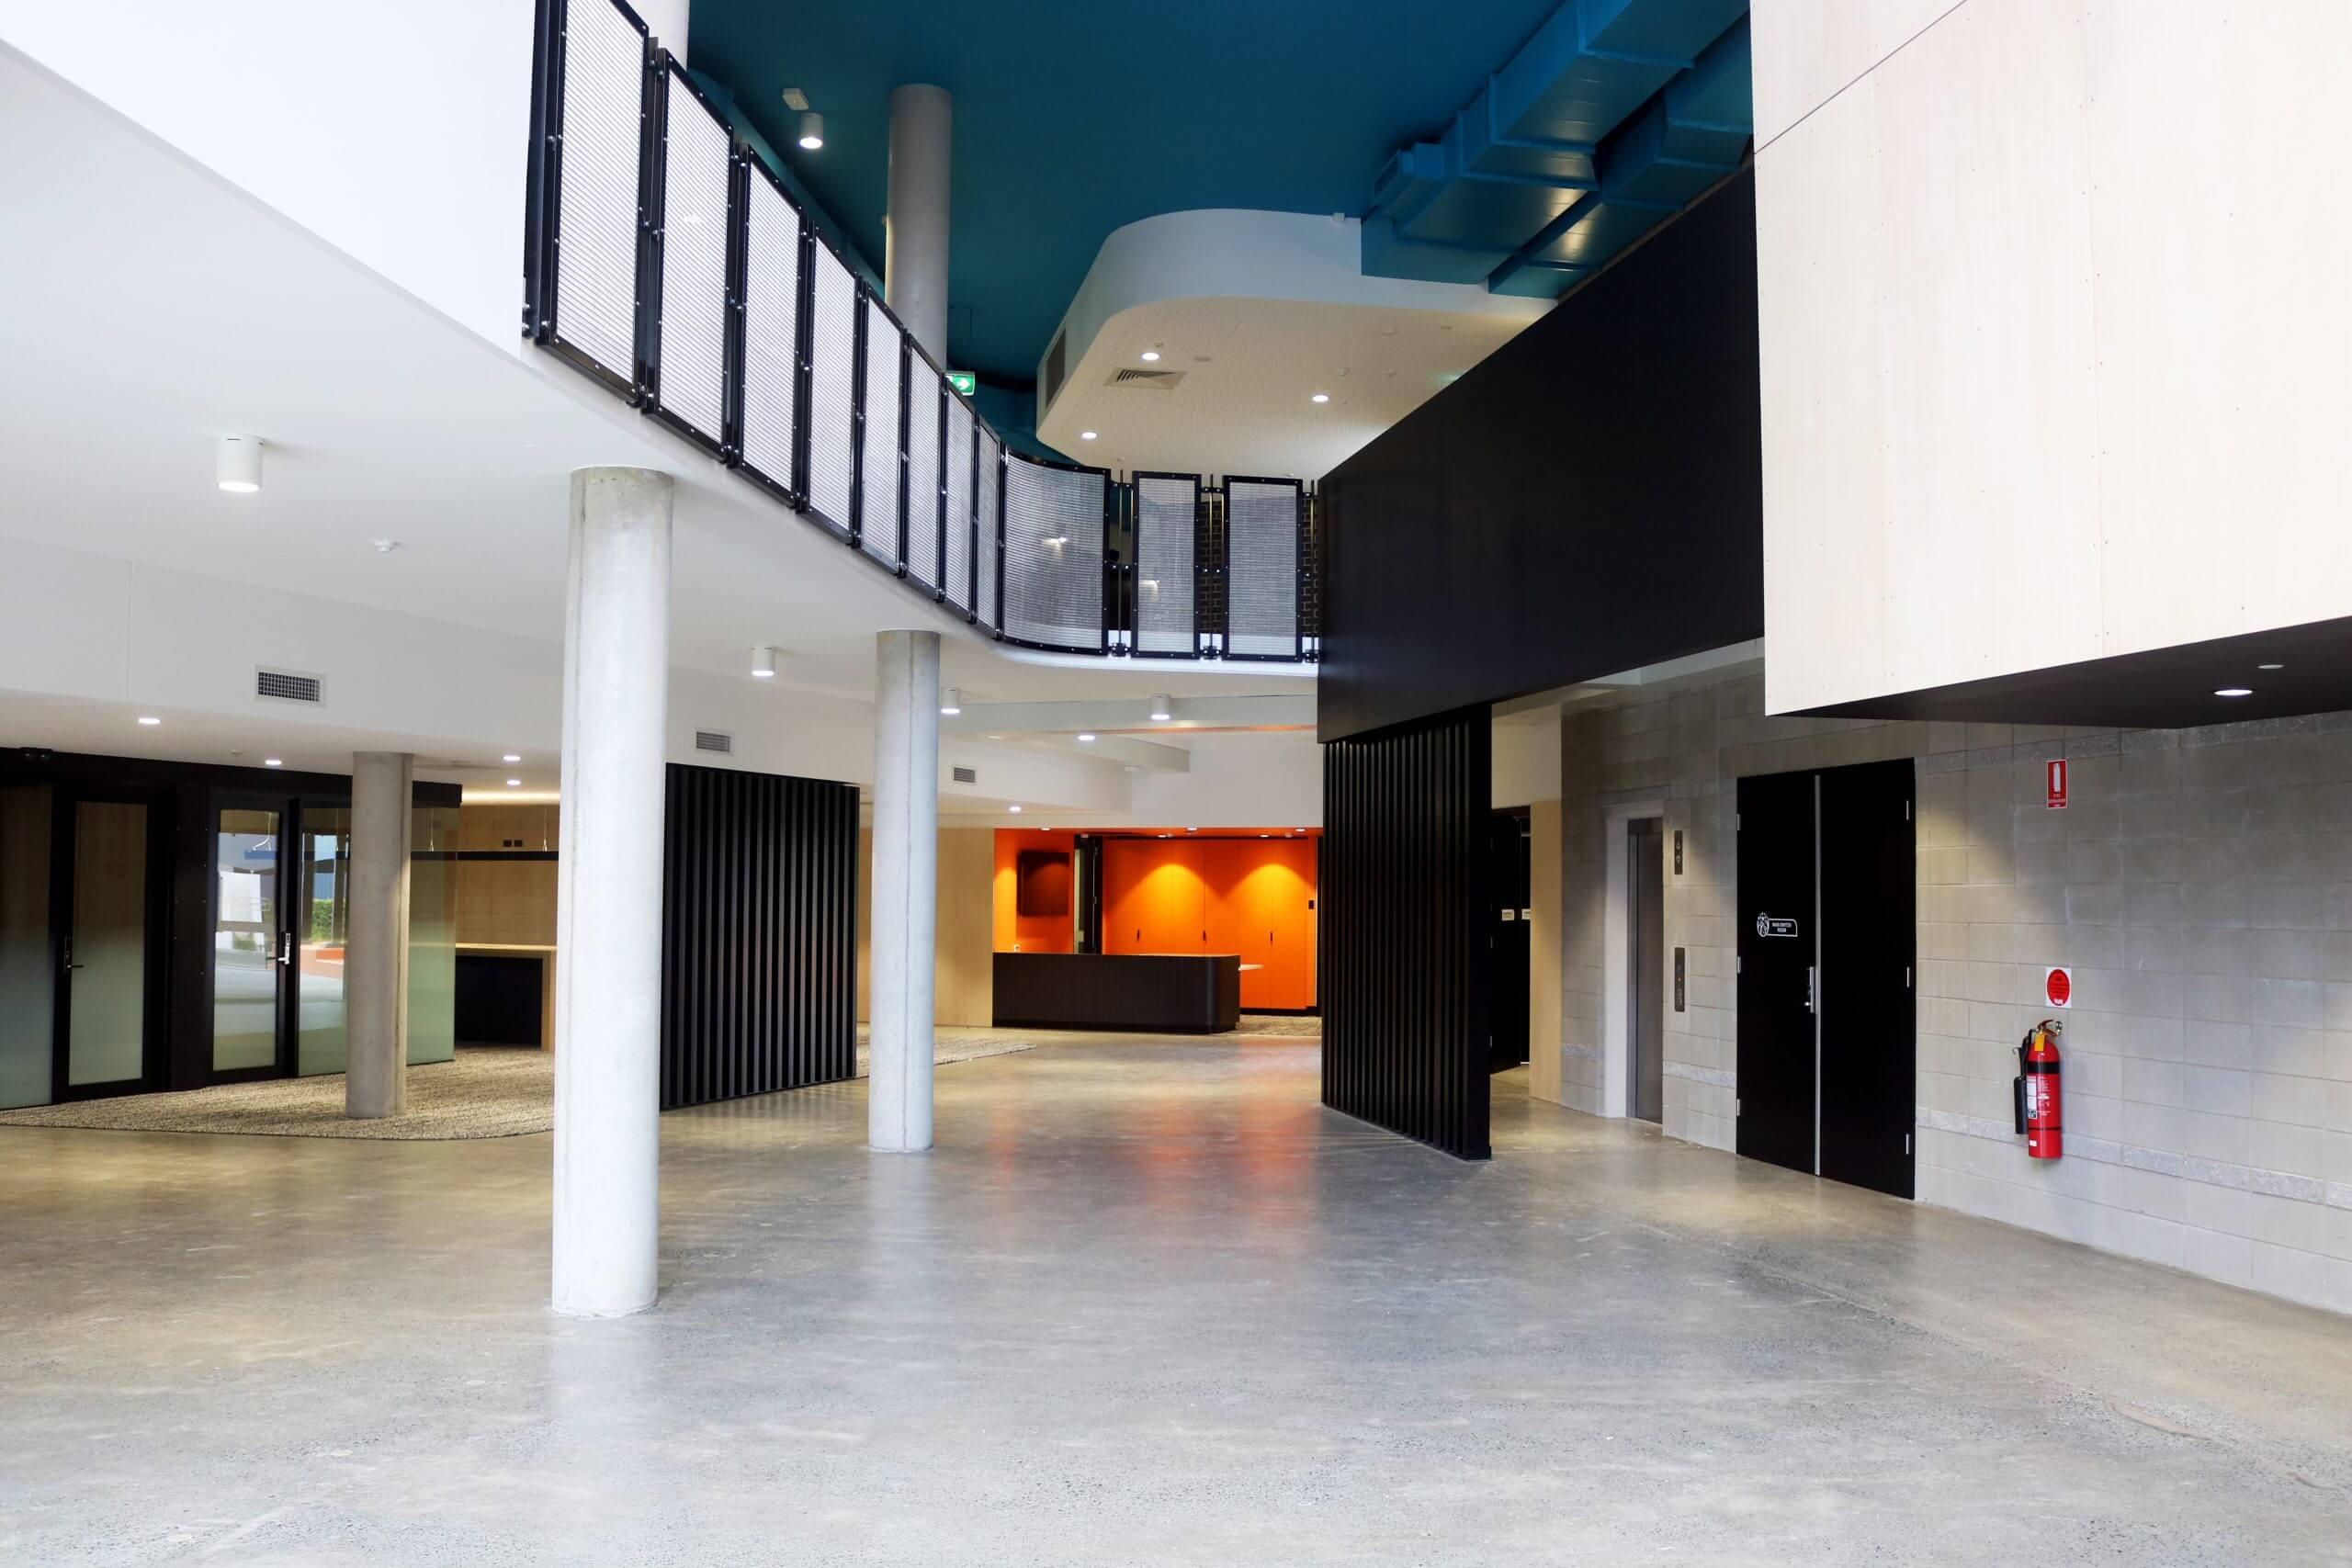 Arcadia College Interior Lighting